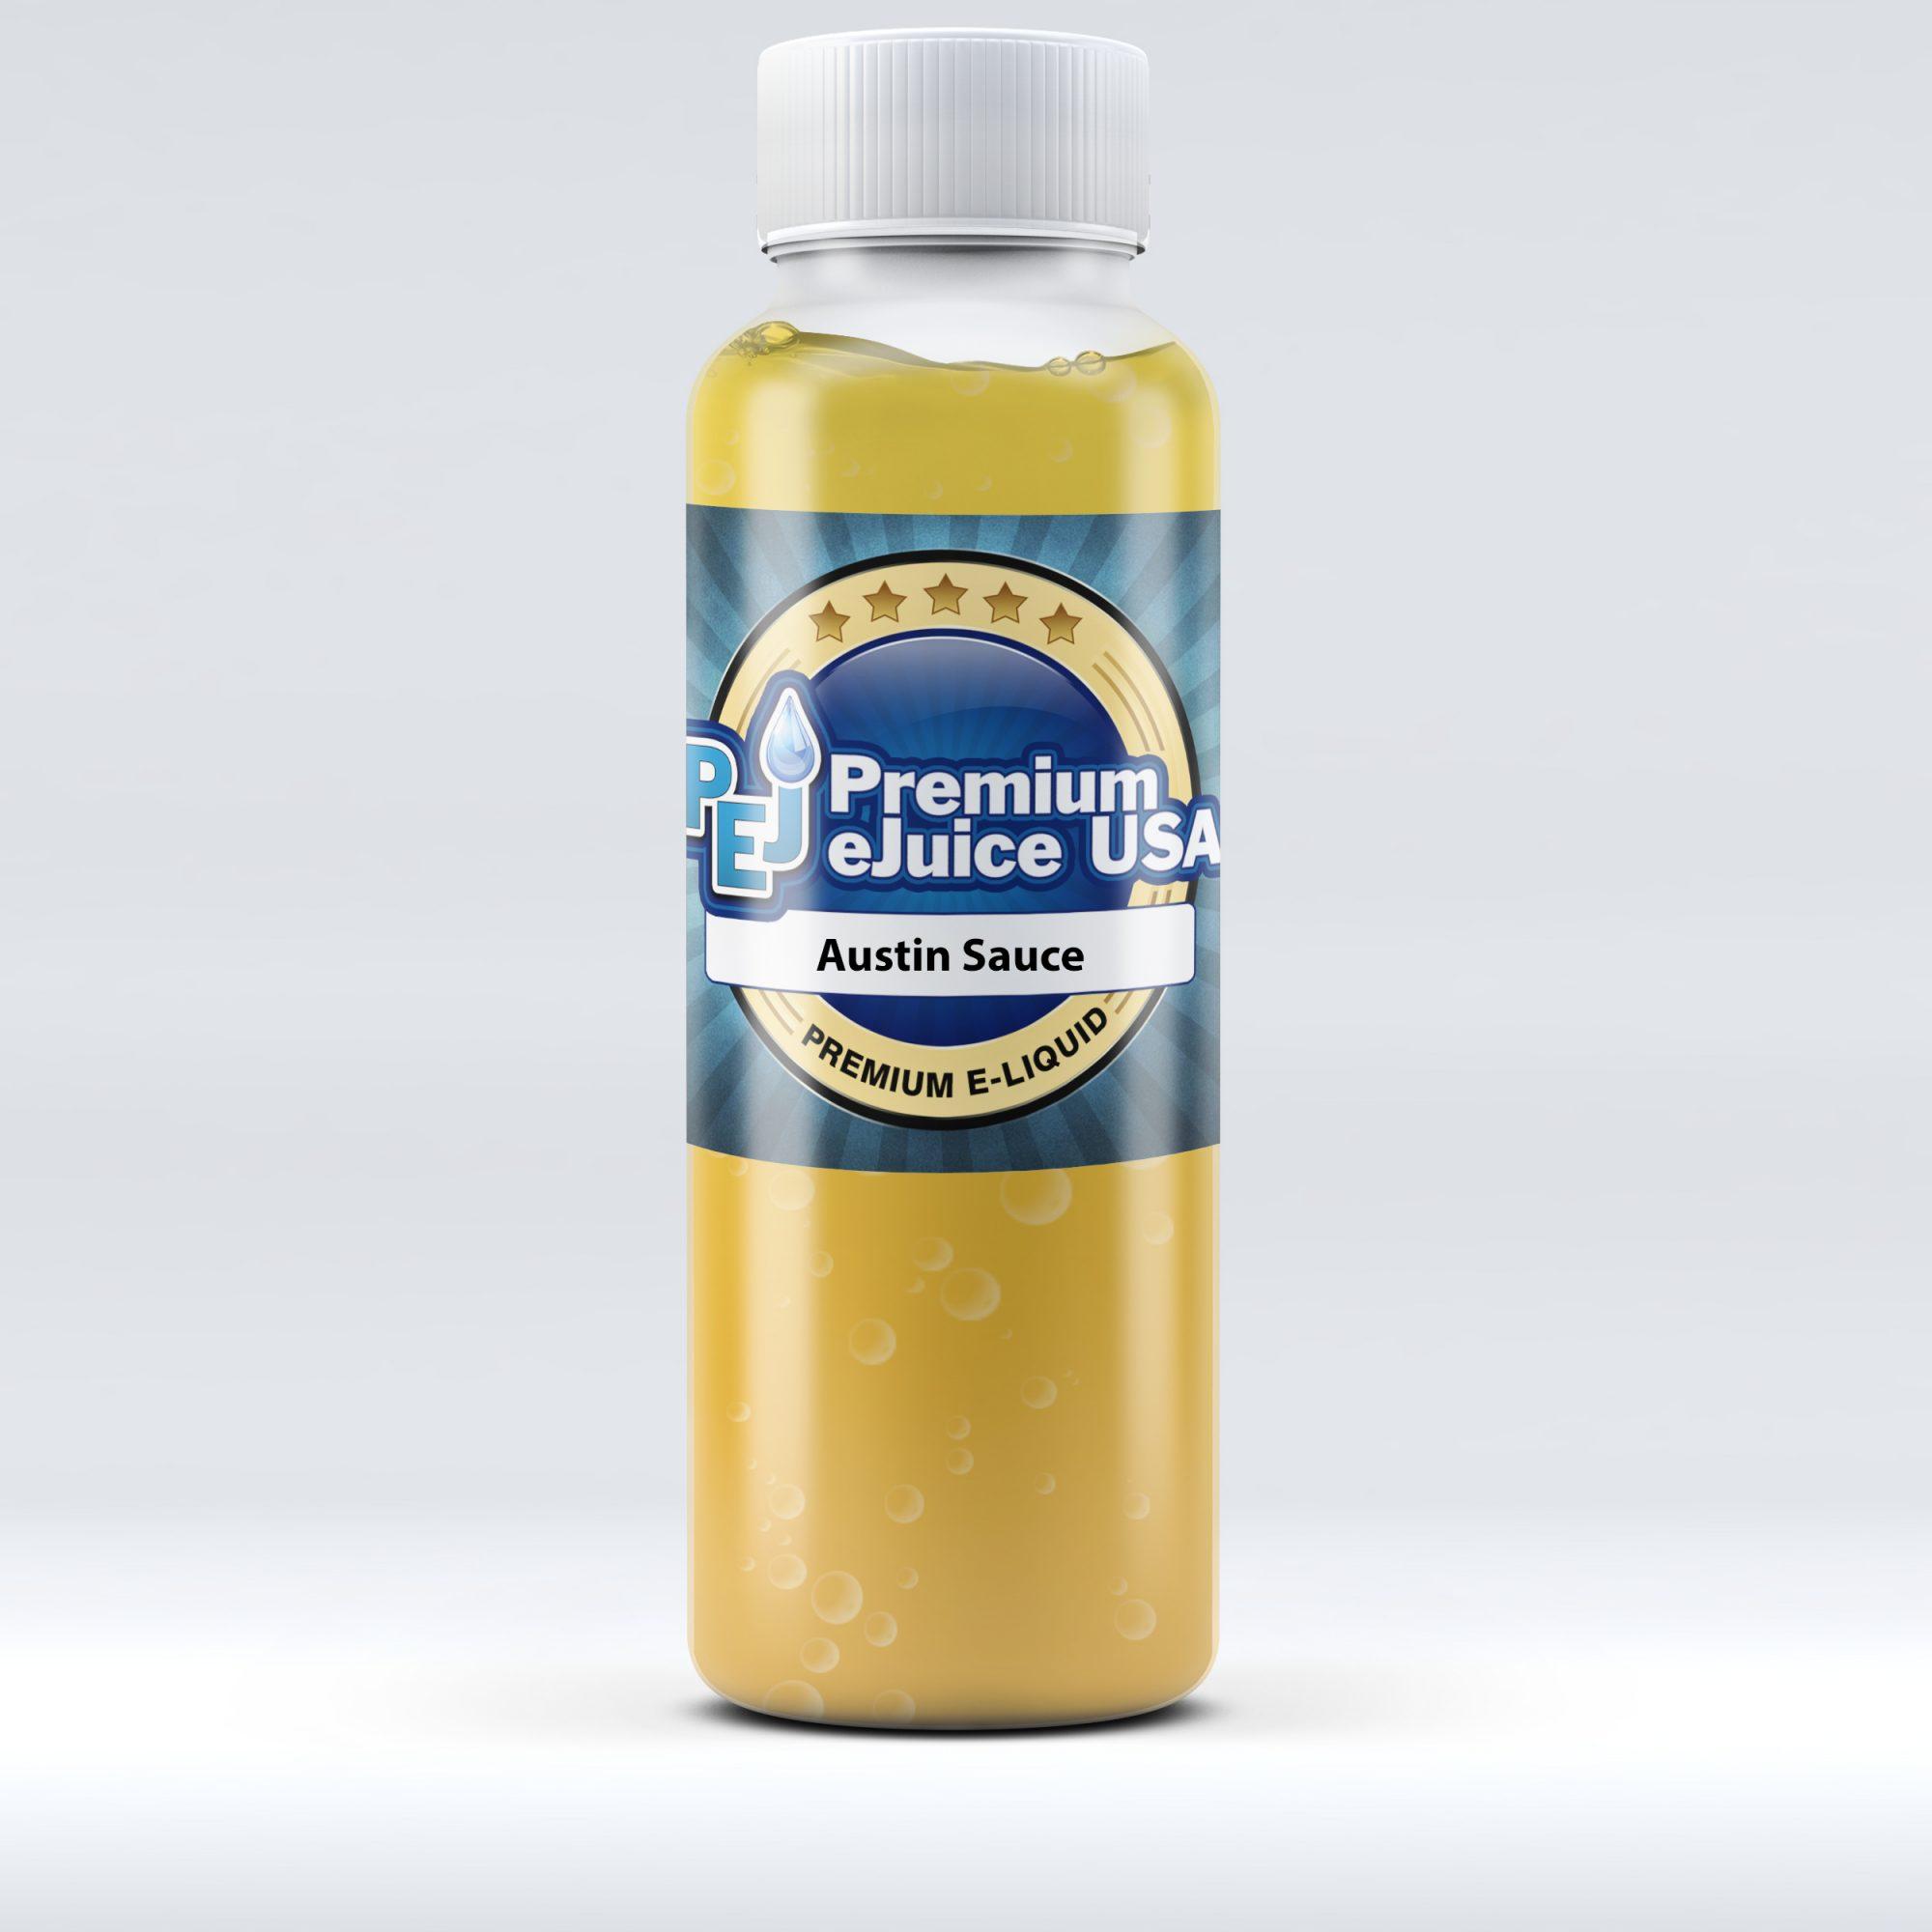 Austin Sauce